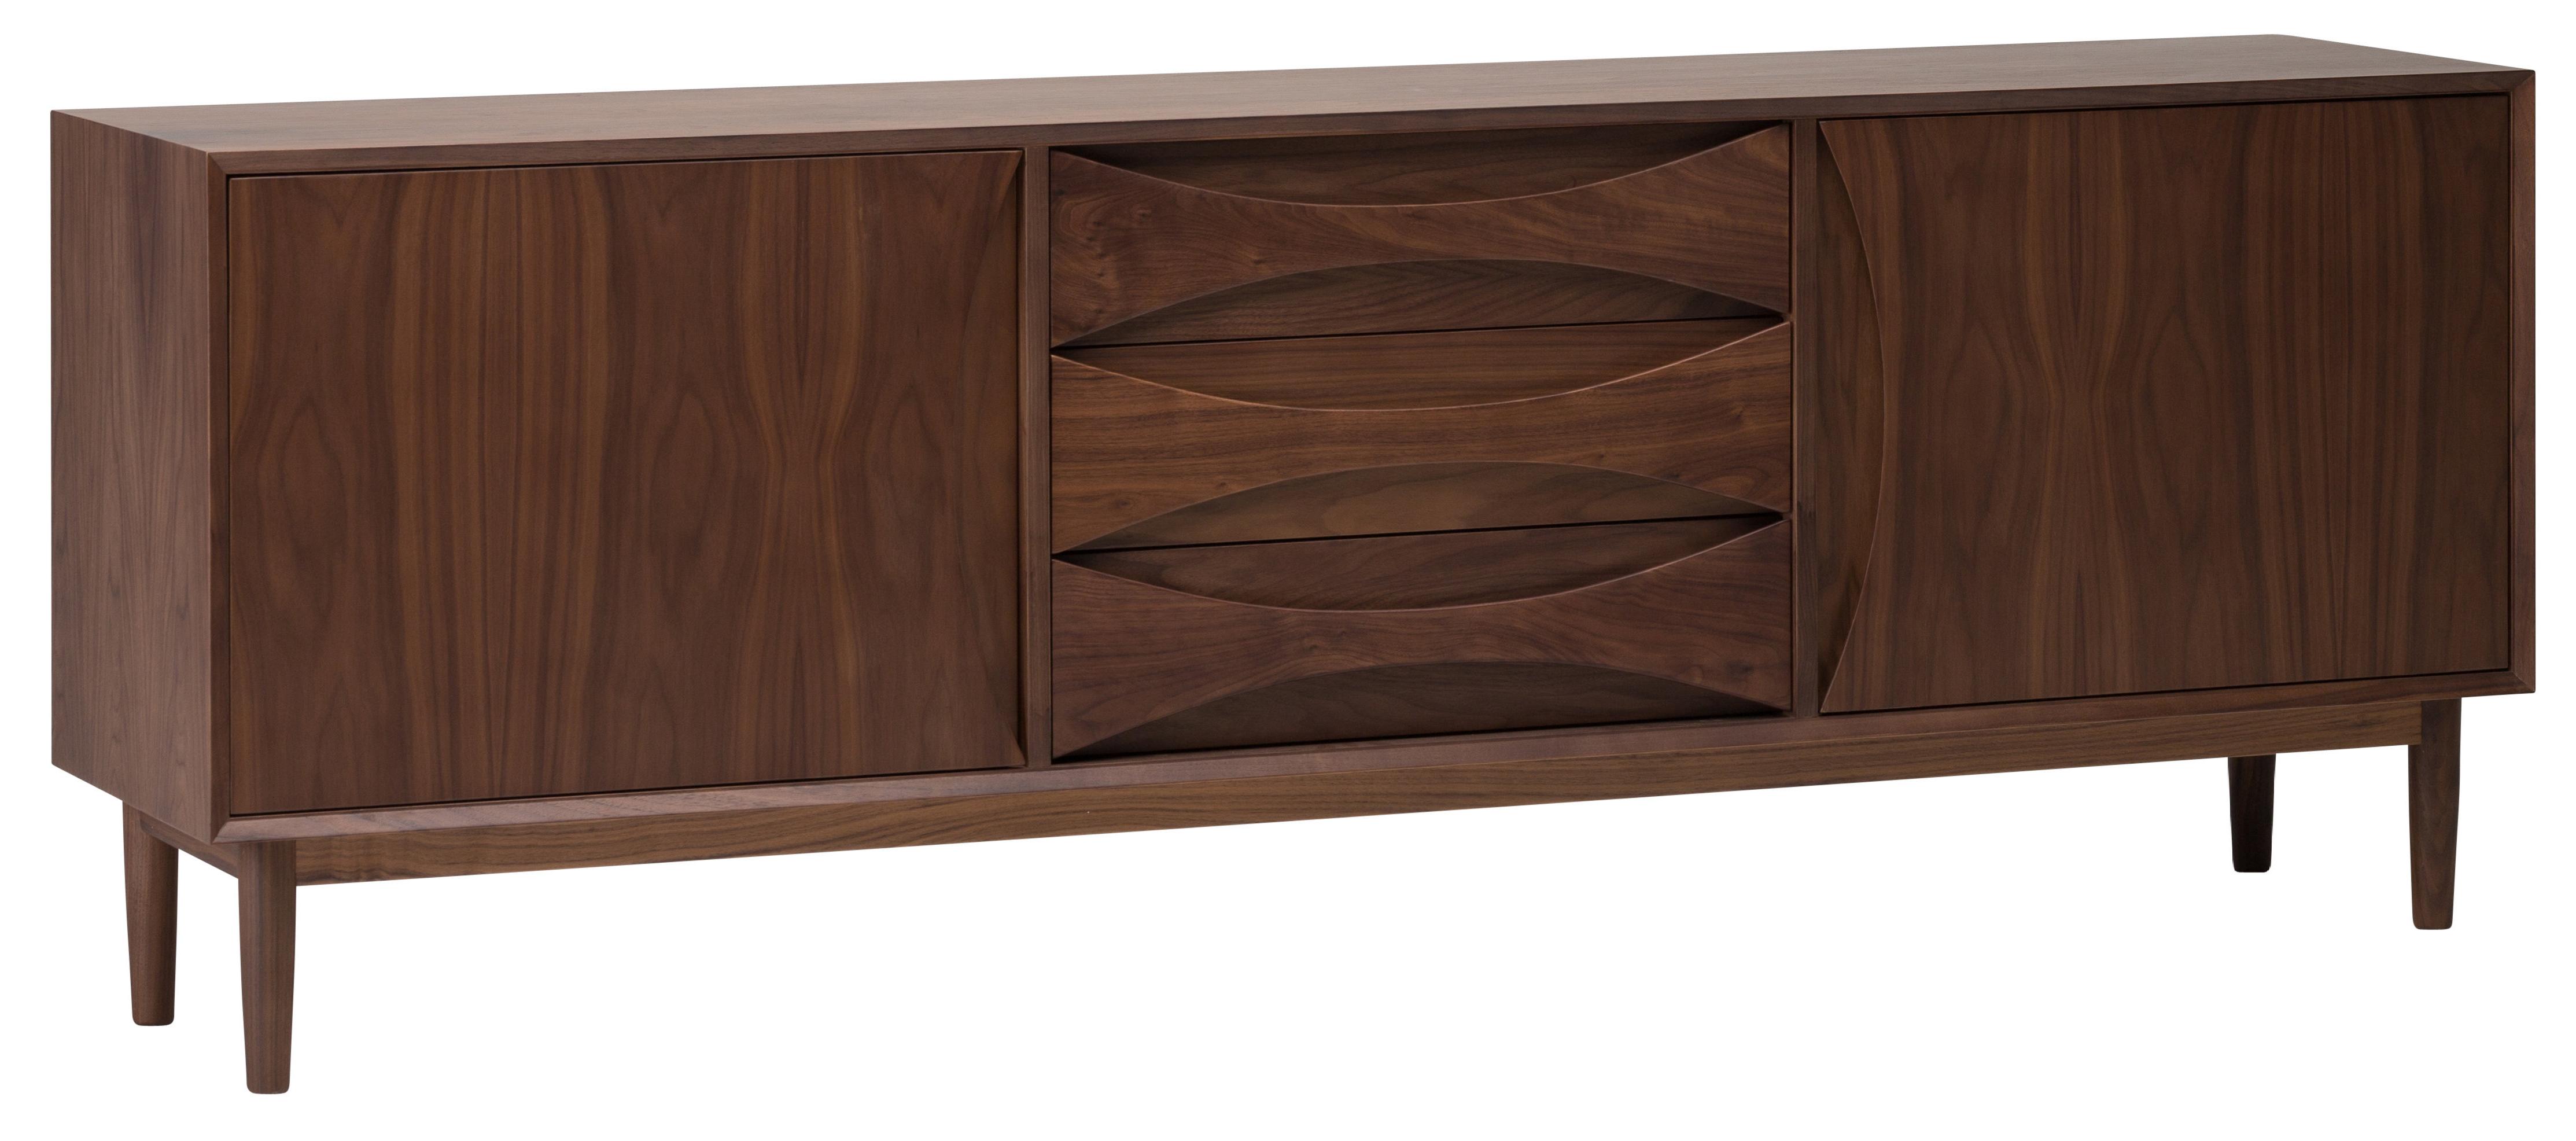 Modern & Contemporary Elyza 4 Door Credenza | Allmodern Within Elyza Credenzas (View 9 of 20)